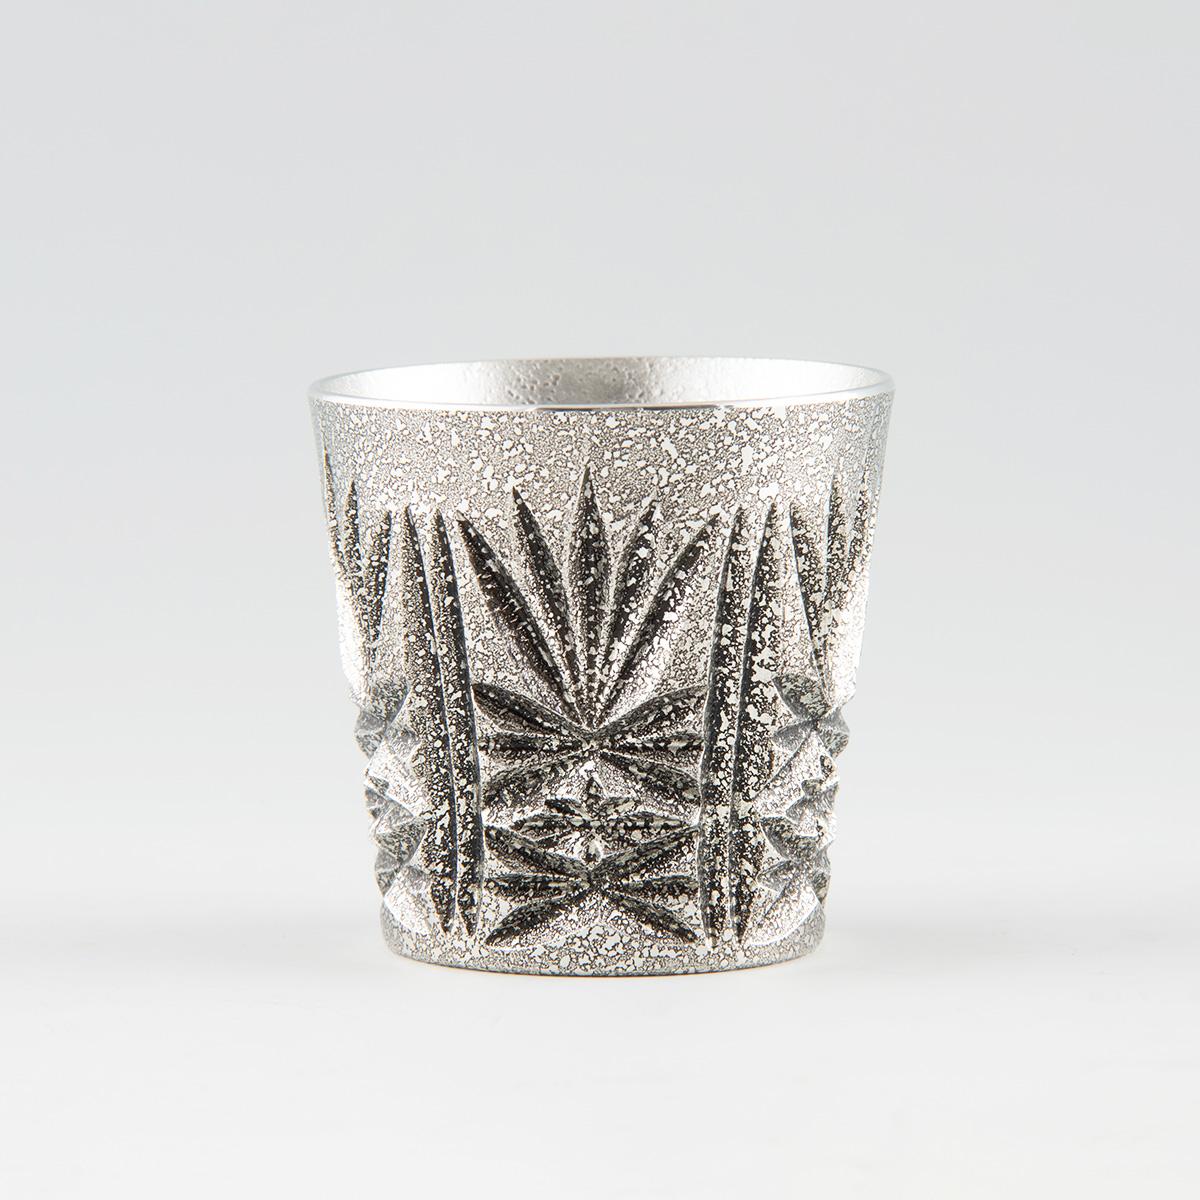 鹿児島県指定伝統工芸。薩摩錫器 切子グラス (有)岩切美巧堂・鹿児島県